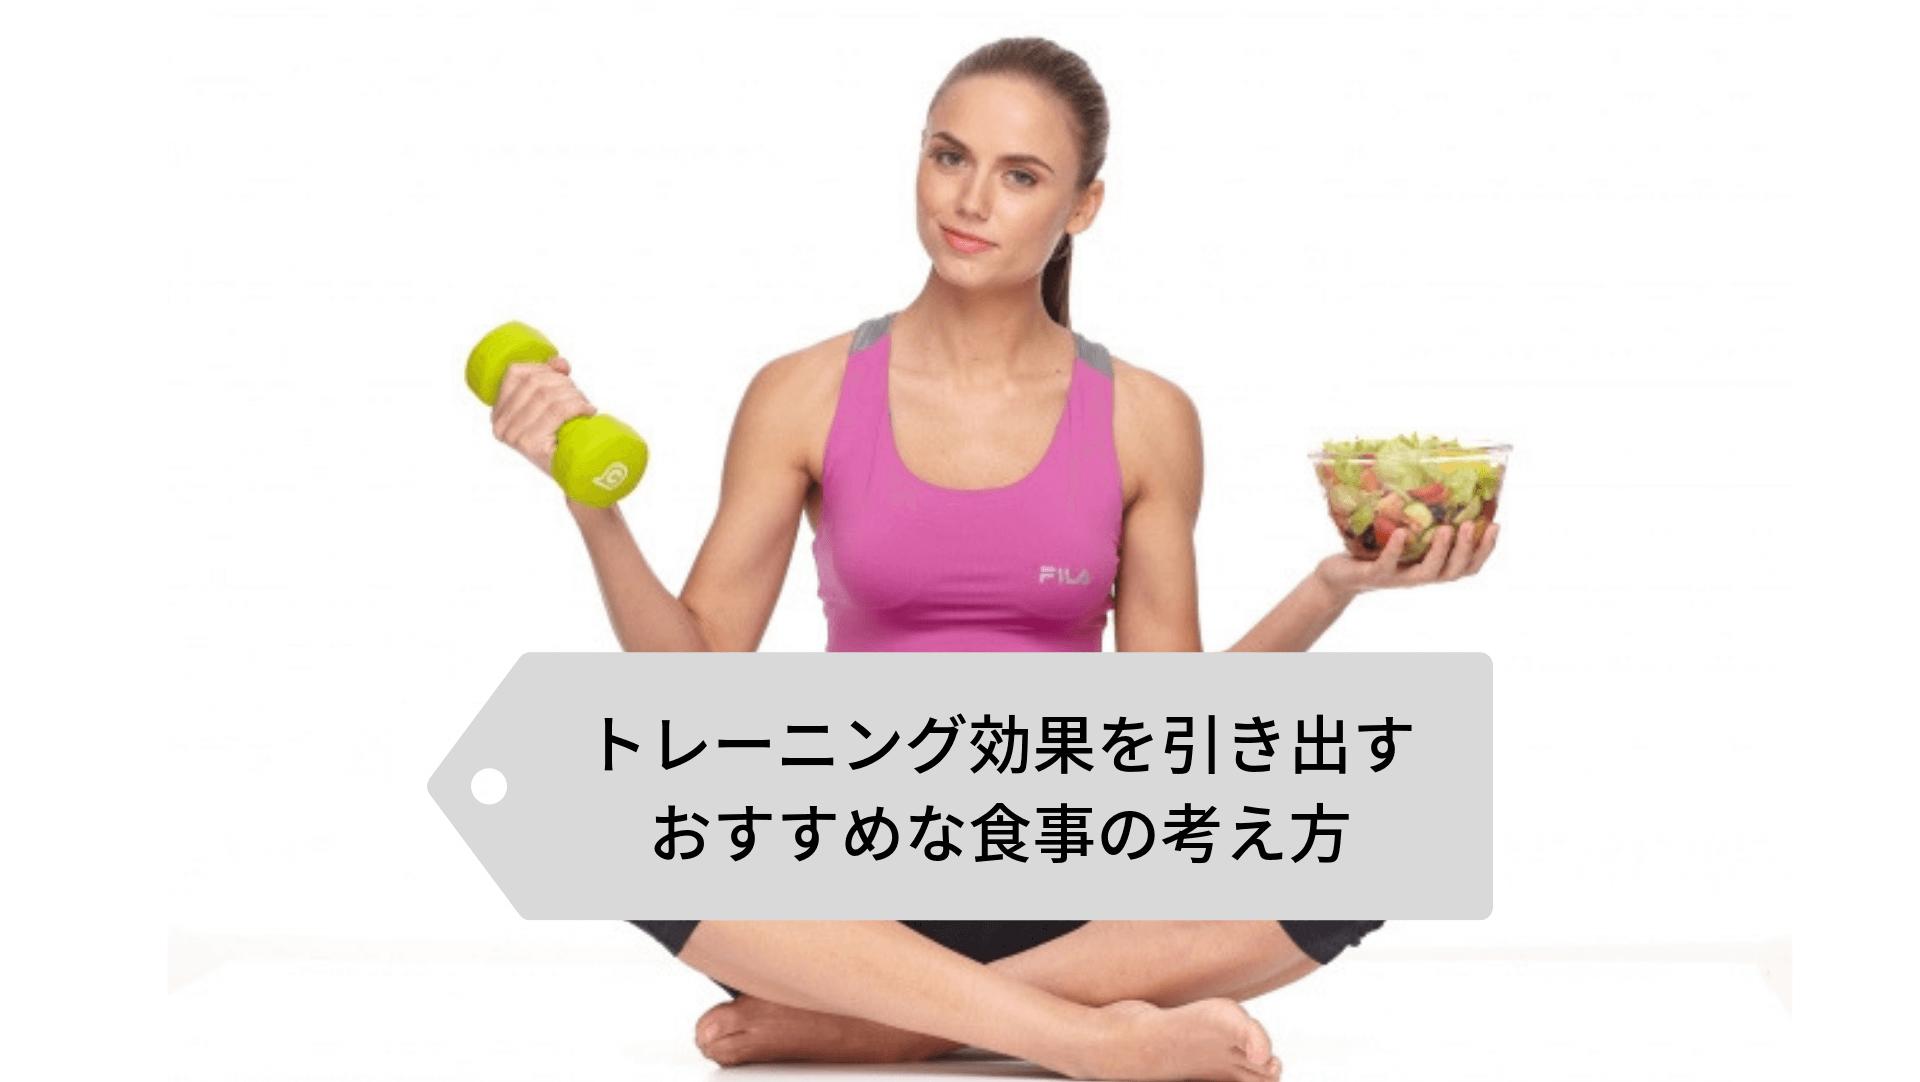 トレーニング効果を引き出すために おすすめな食事の考え方